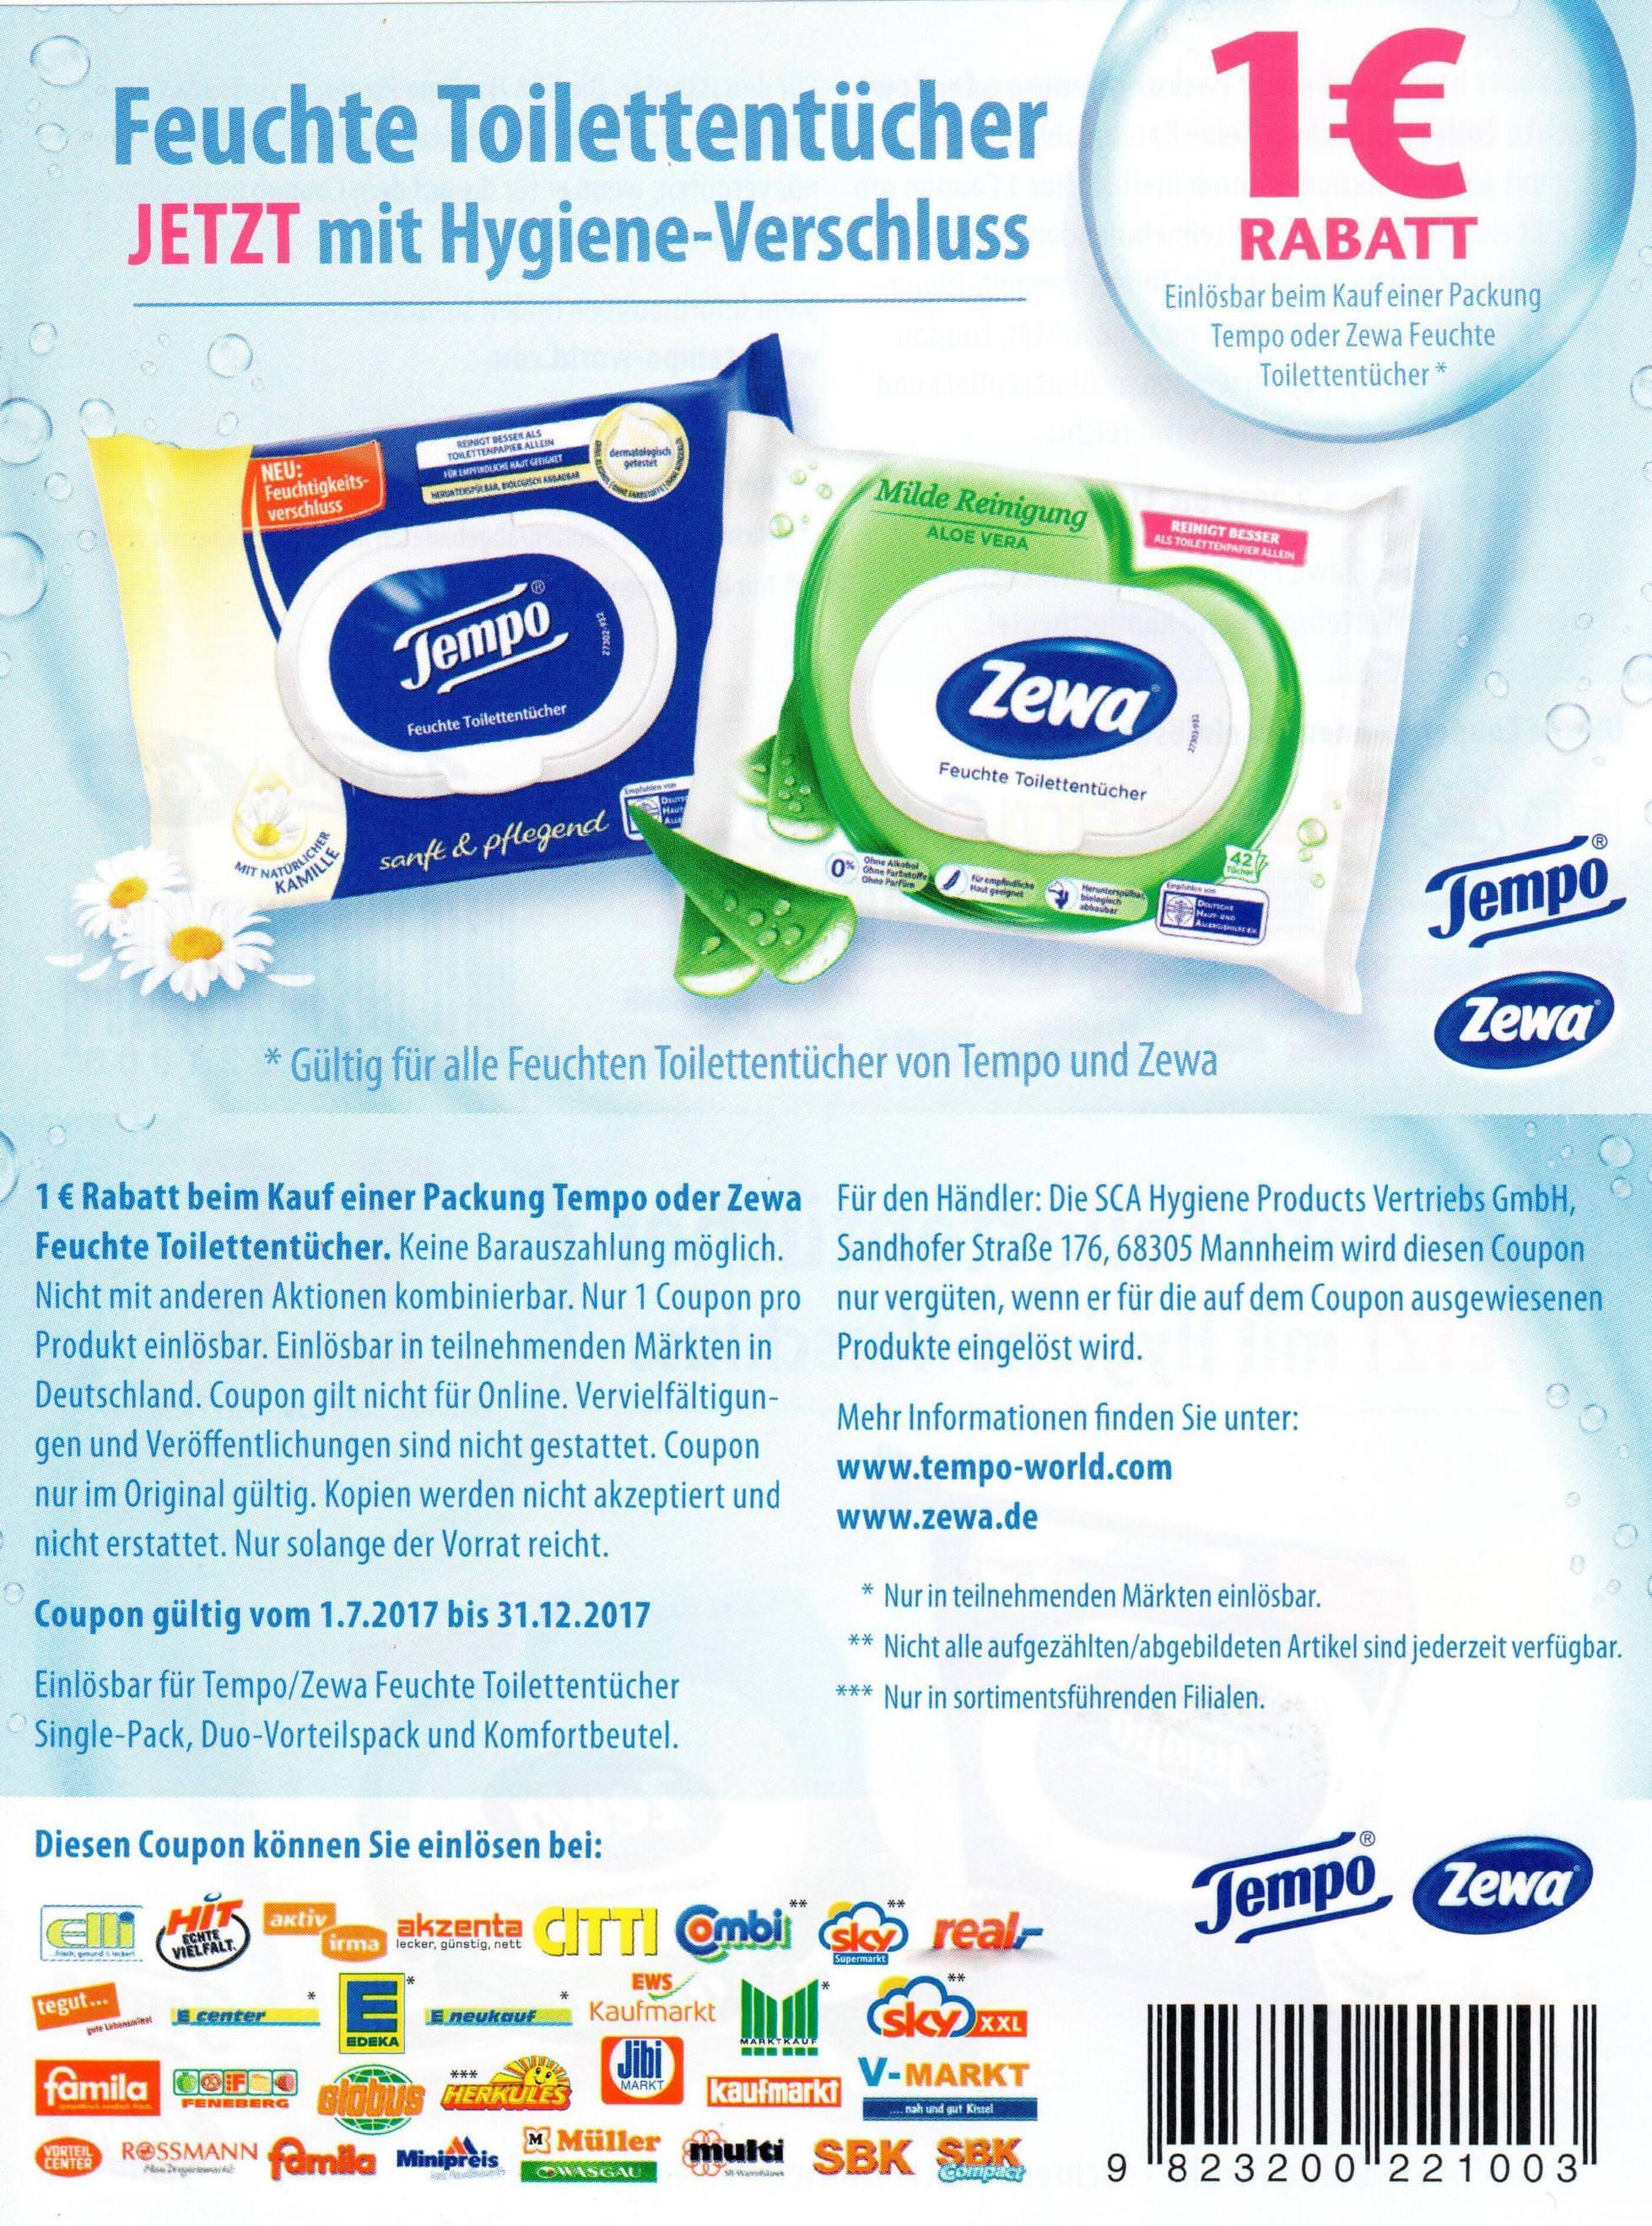 1,00€ Sofort-Rabatt-Coupon für eine Packung Tempo / Zewa feuchte Toilettentücher bis 31.12.2017 [bundesweit]